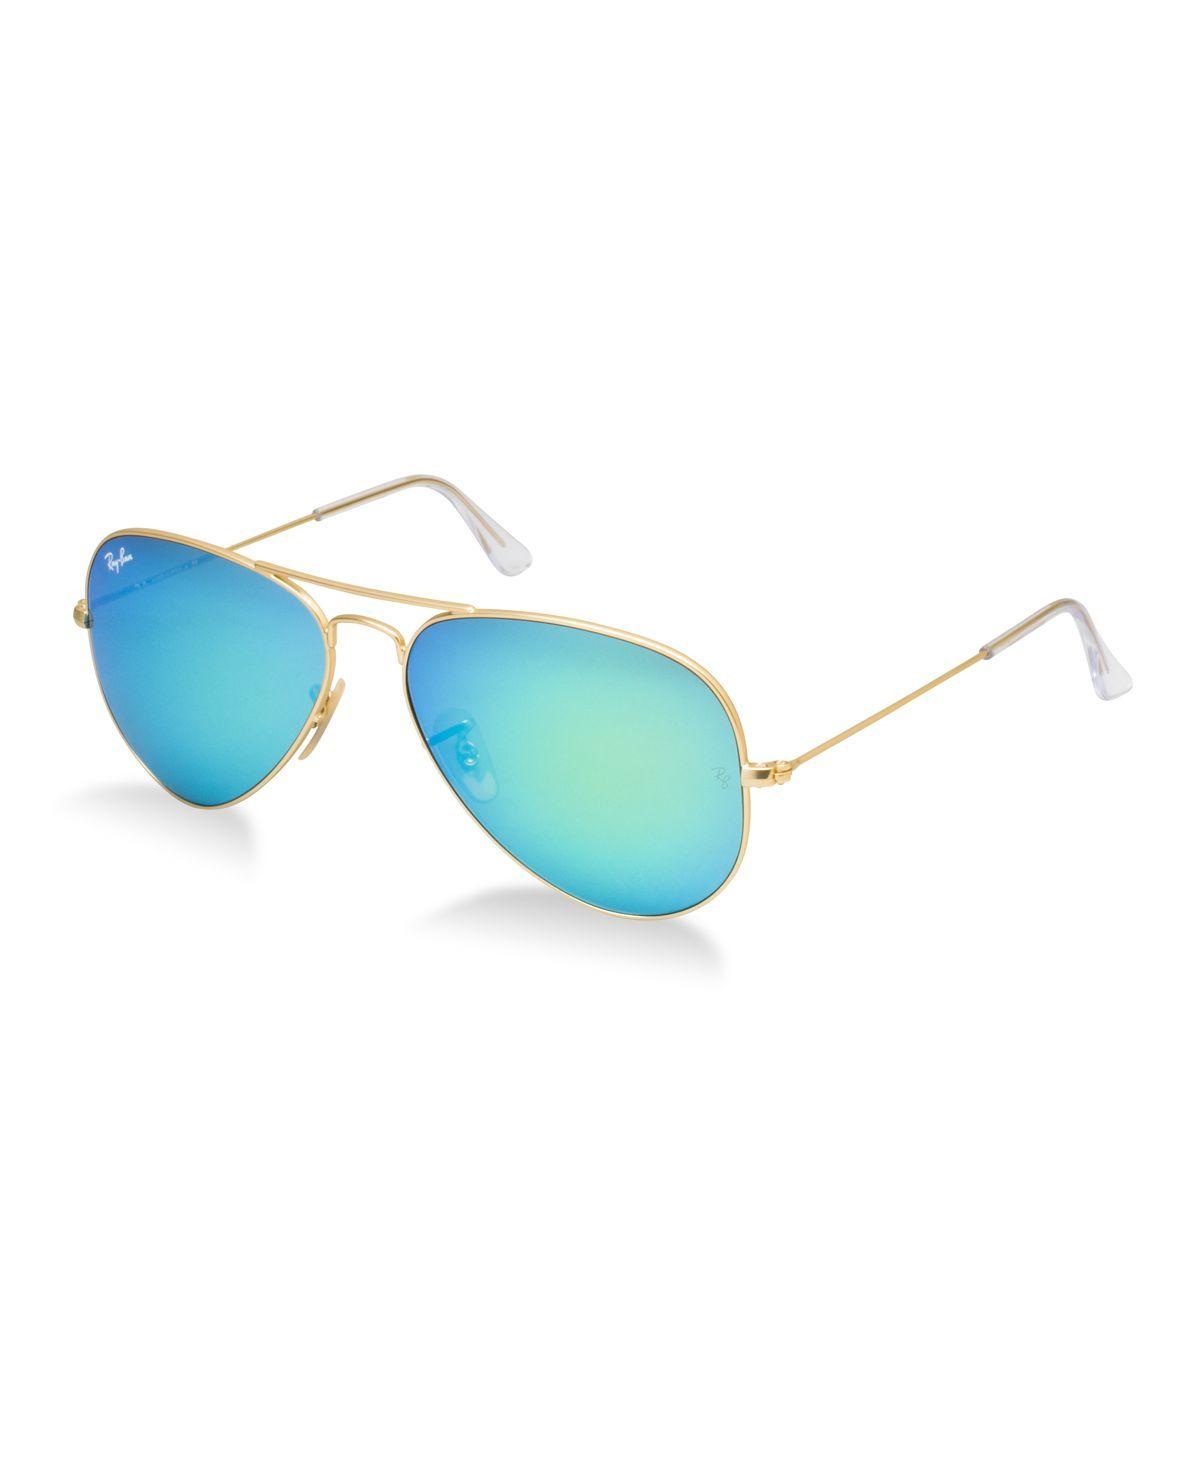 2e4a9e29663e5f  RayBan  pilotenbril  goedkoop  3025 Gespiegelde Zonnebril